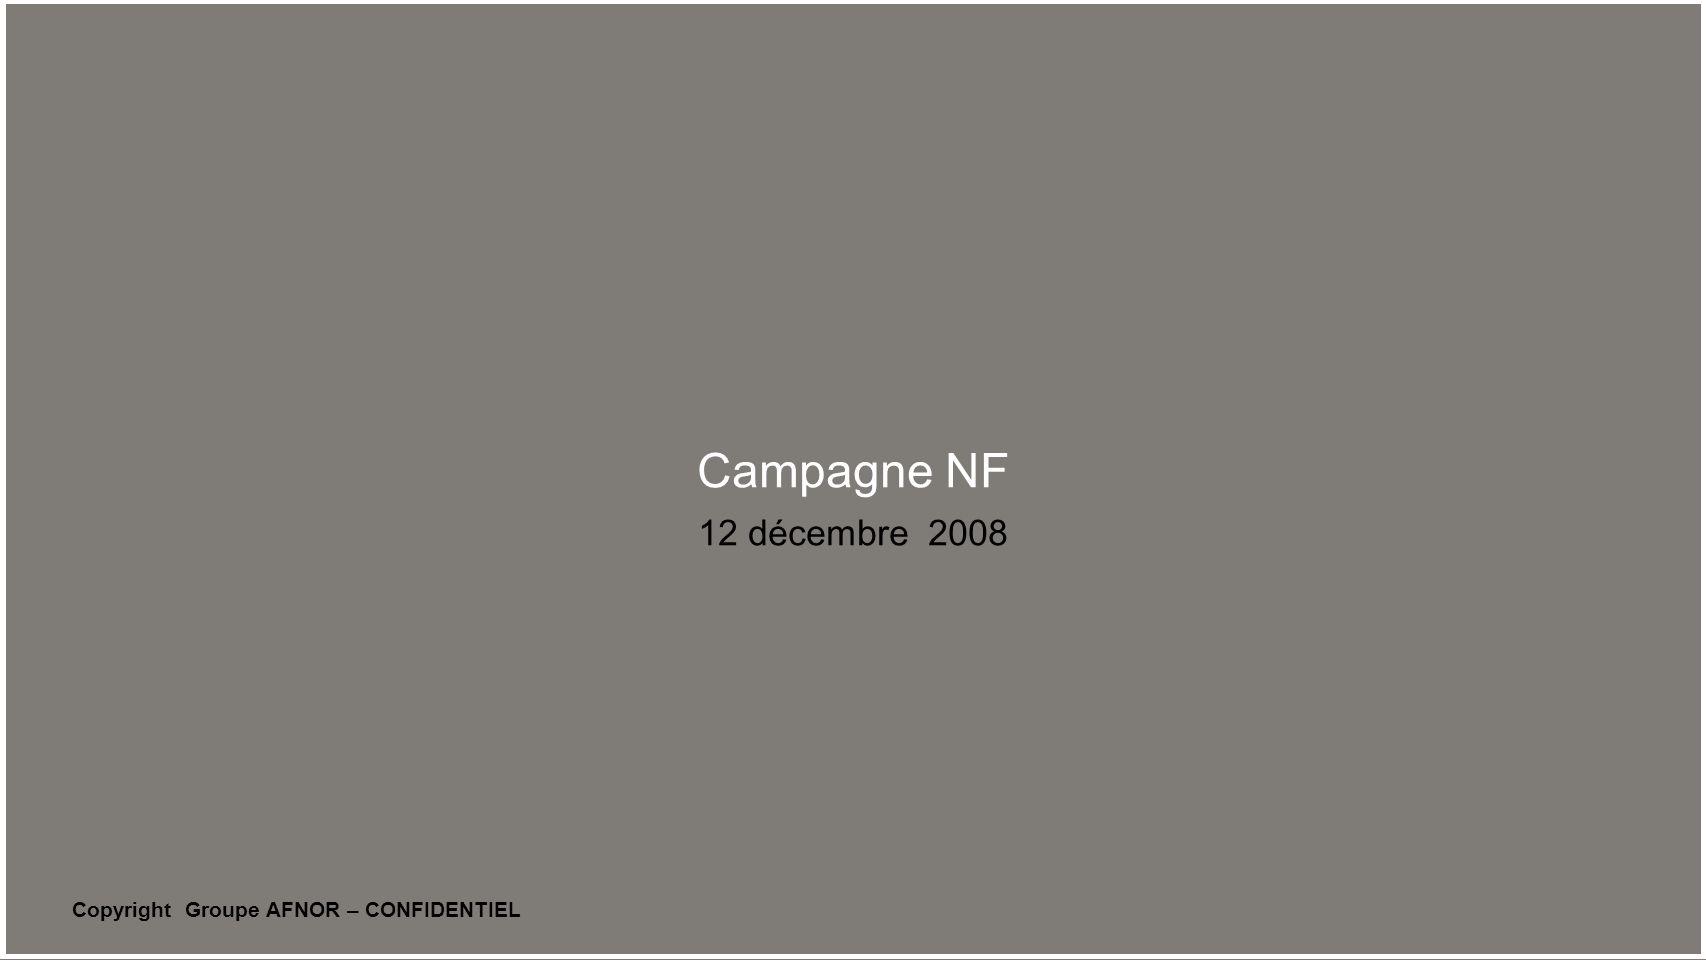 Campagne NF 12 décembre 2008